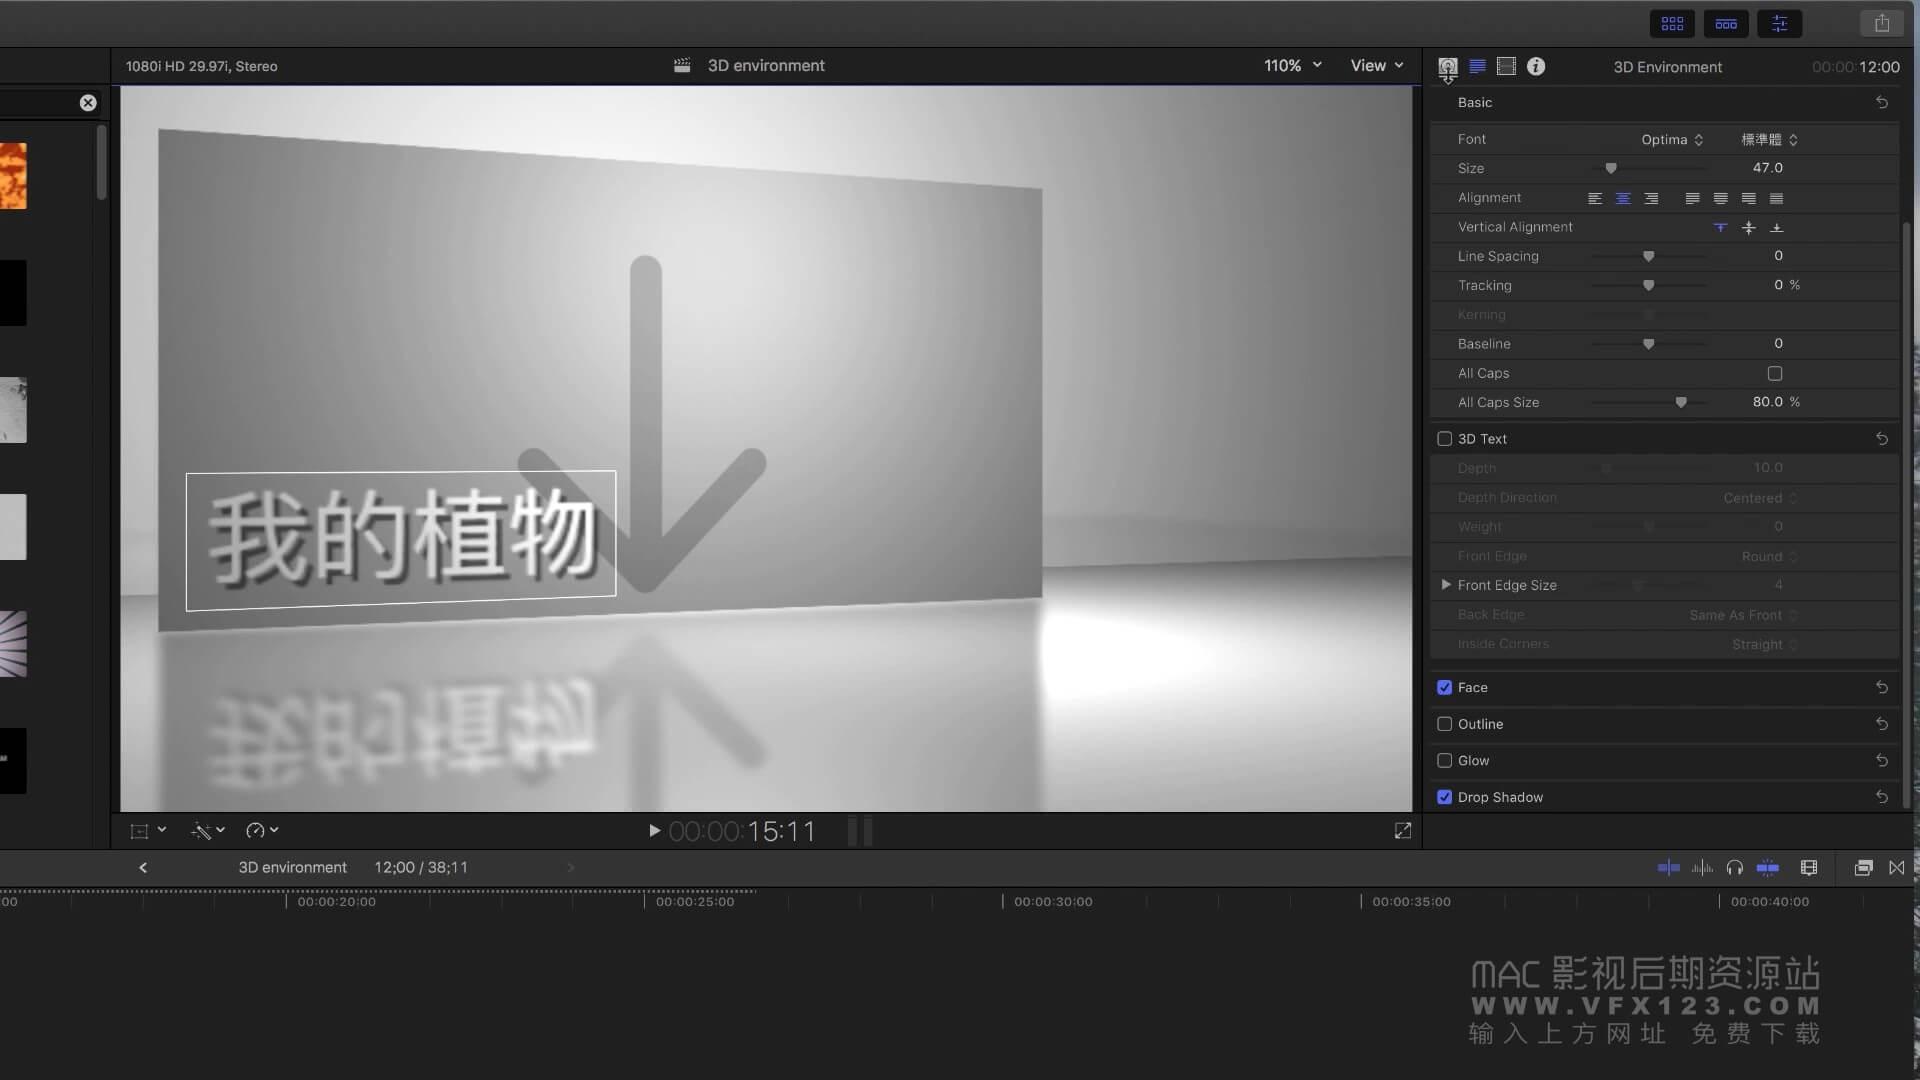 第48课: 如何在Final Cut Pro X中制作3D场景